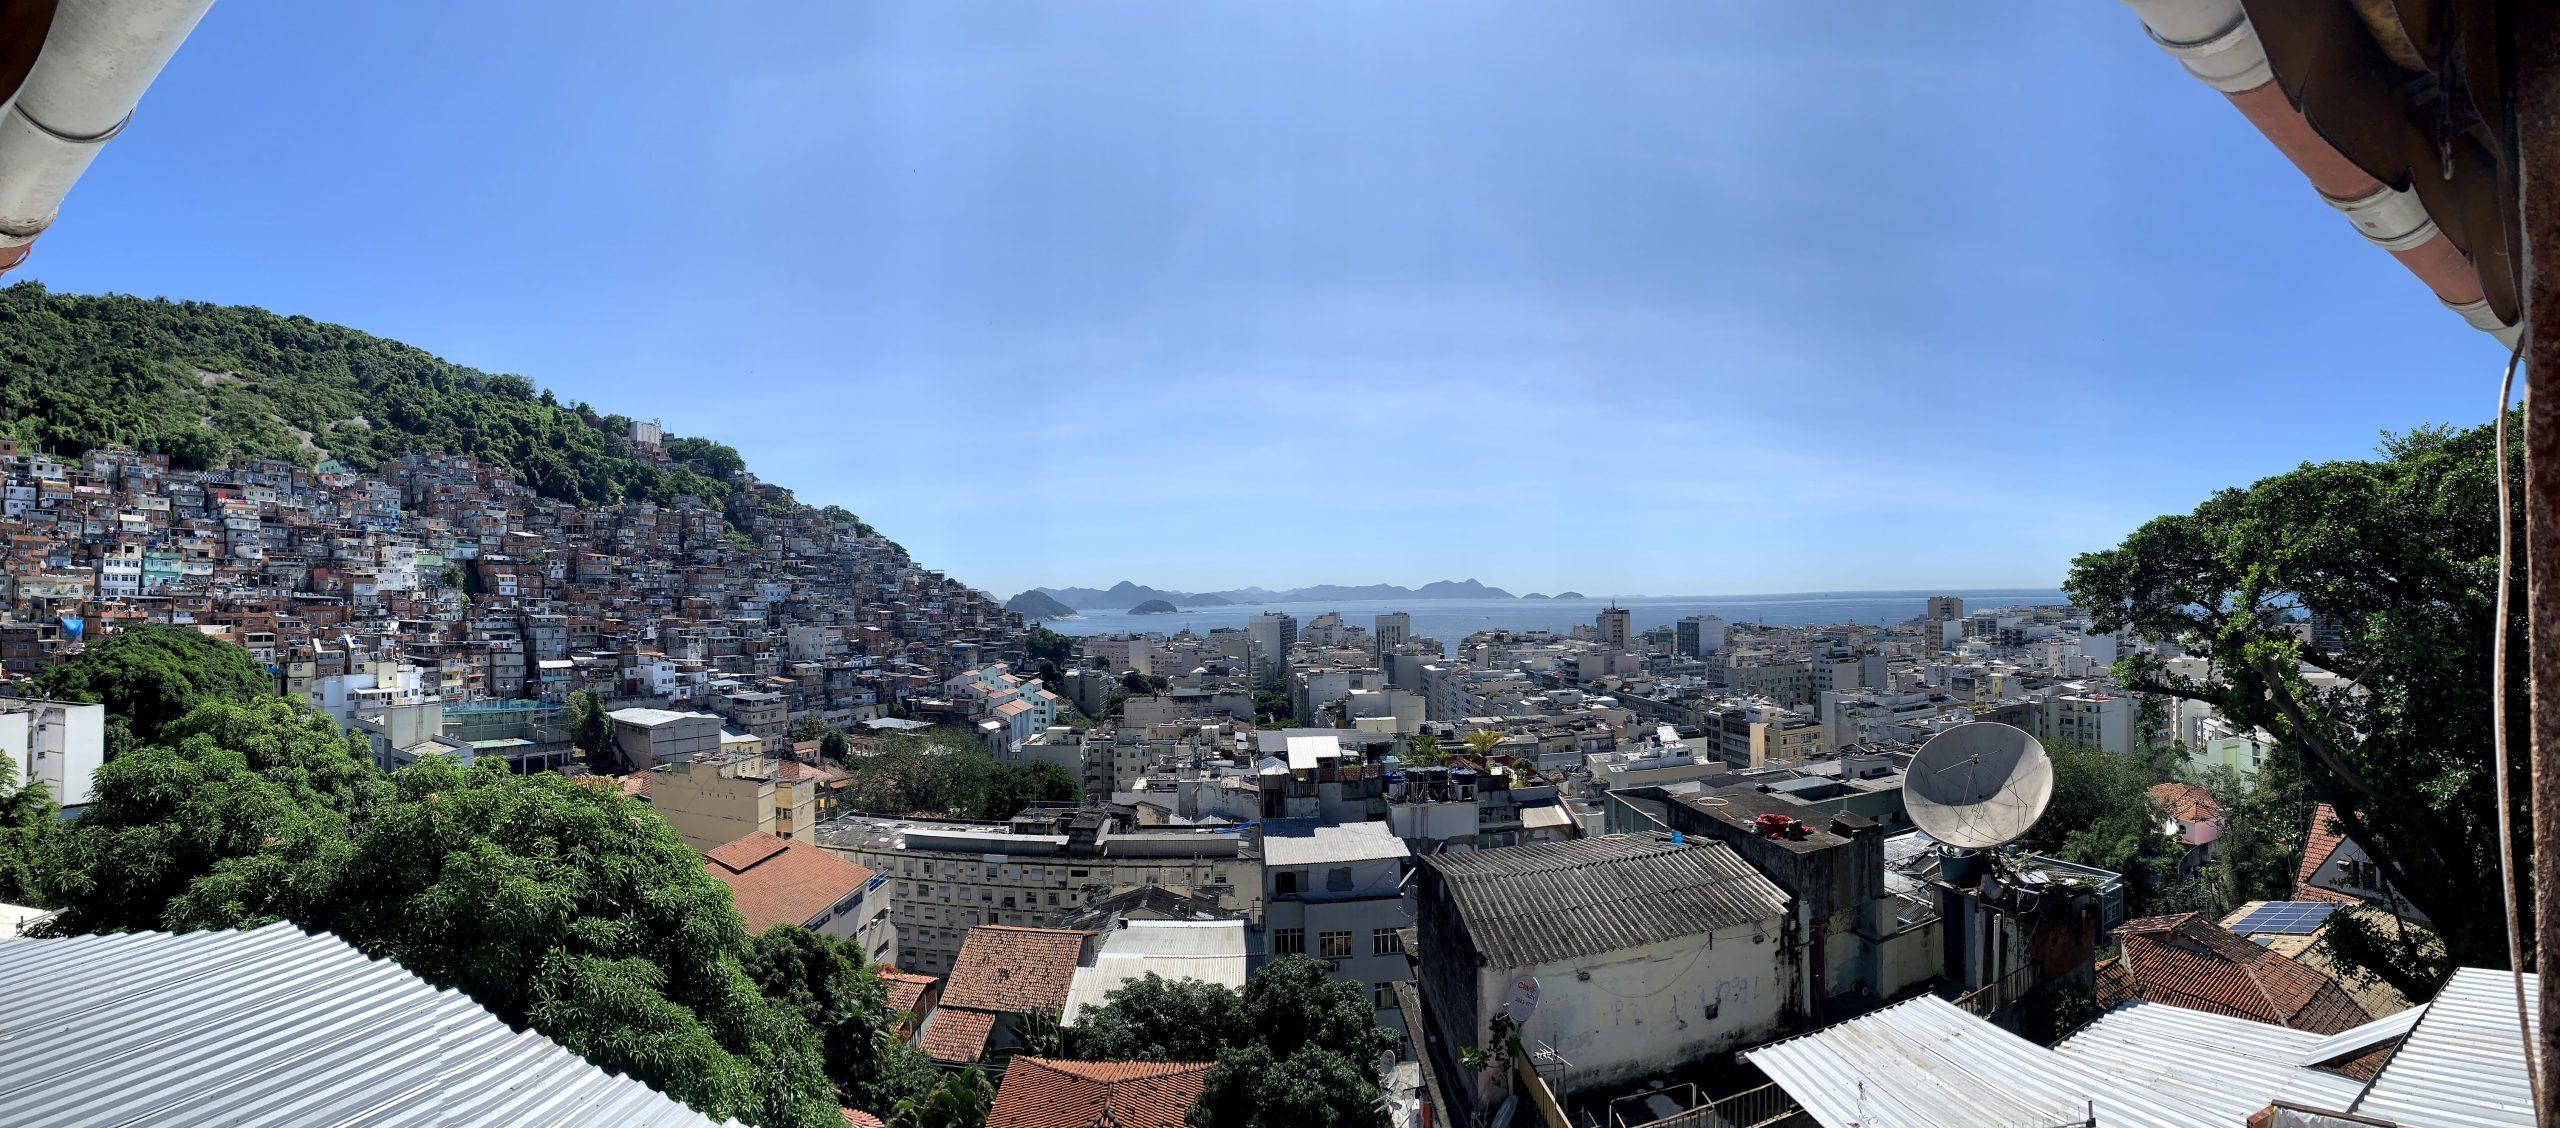 a view from favela cantagalo, Rio de Janeiro